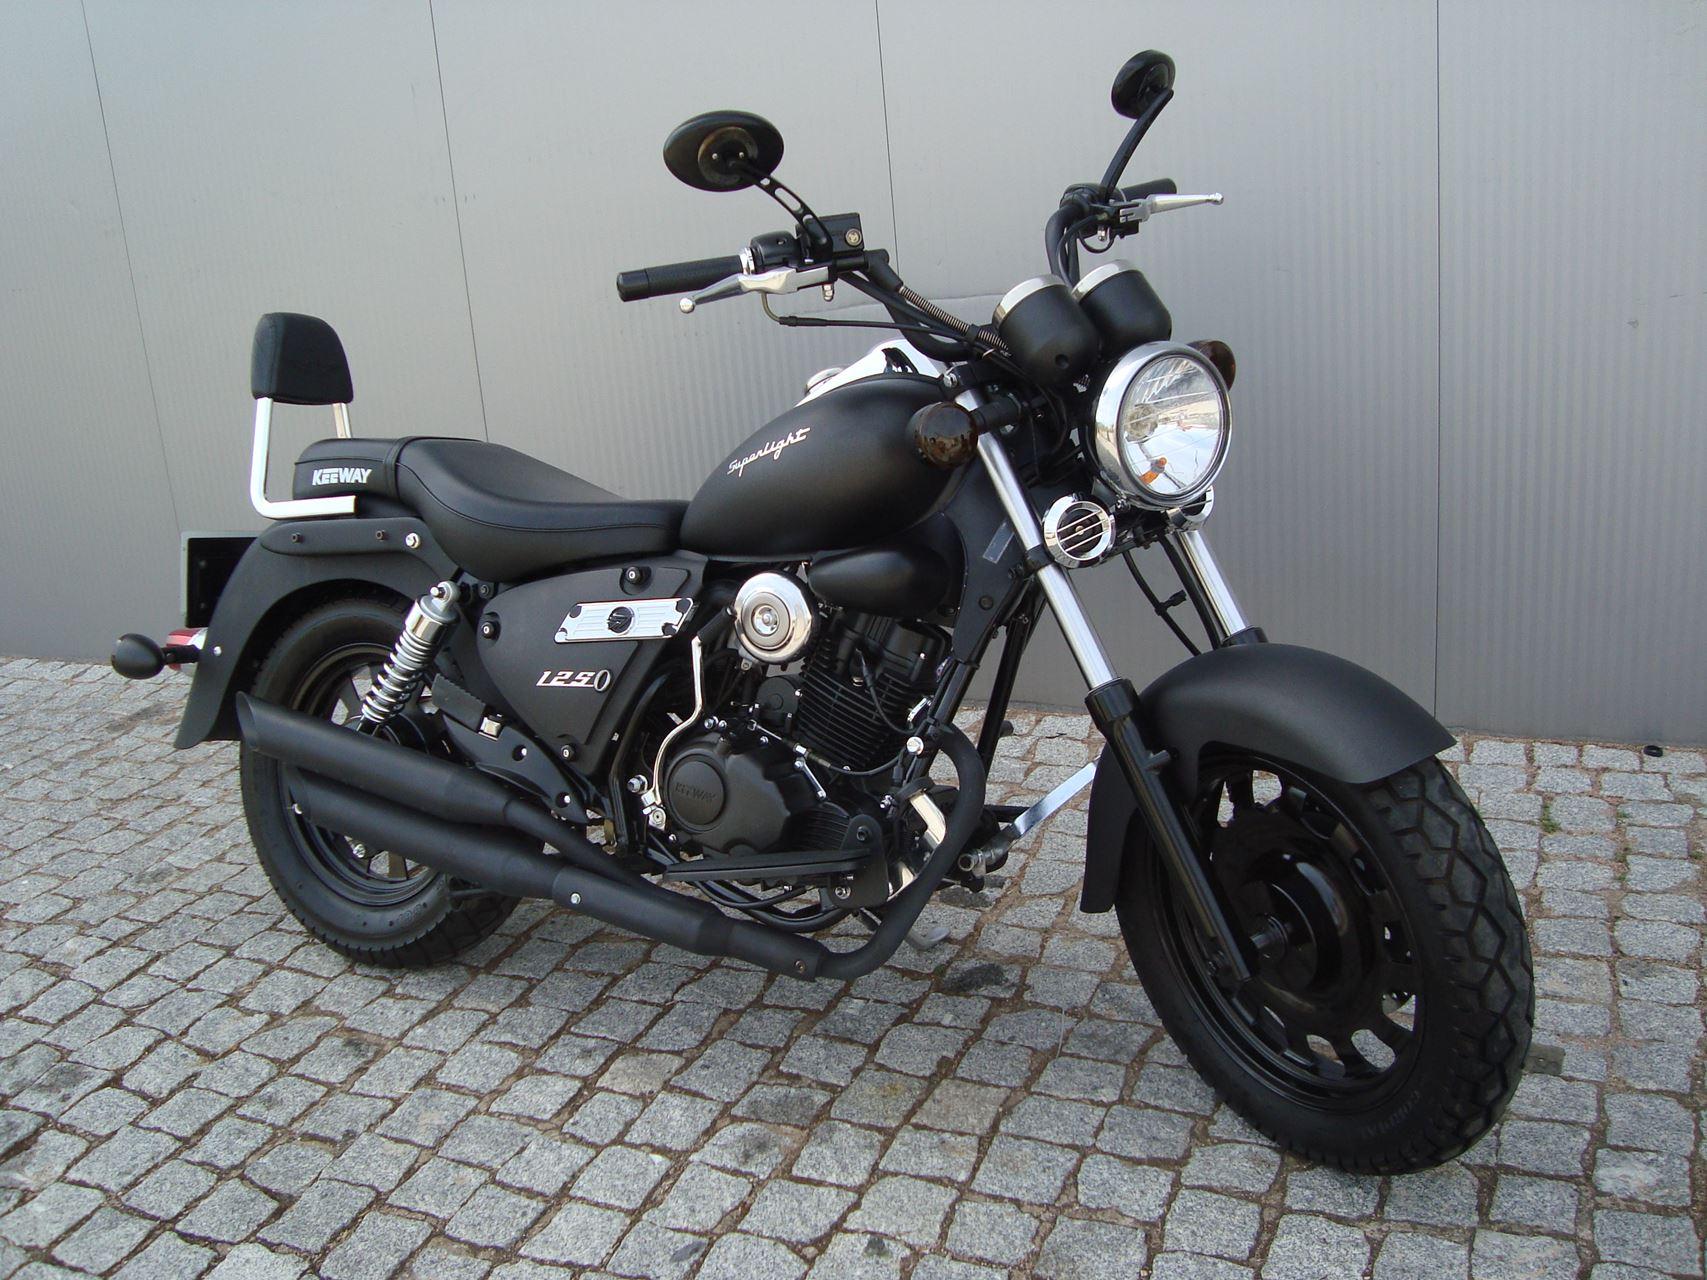 keeway superlight 125 moto usada pre o p17695 motocastelo andar de moto. Black Bedroom Furniture Sets. Home Design Ideas